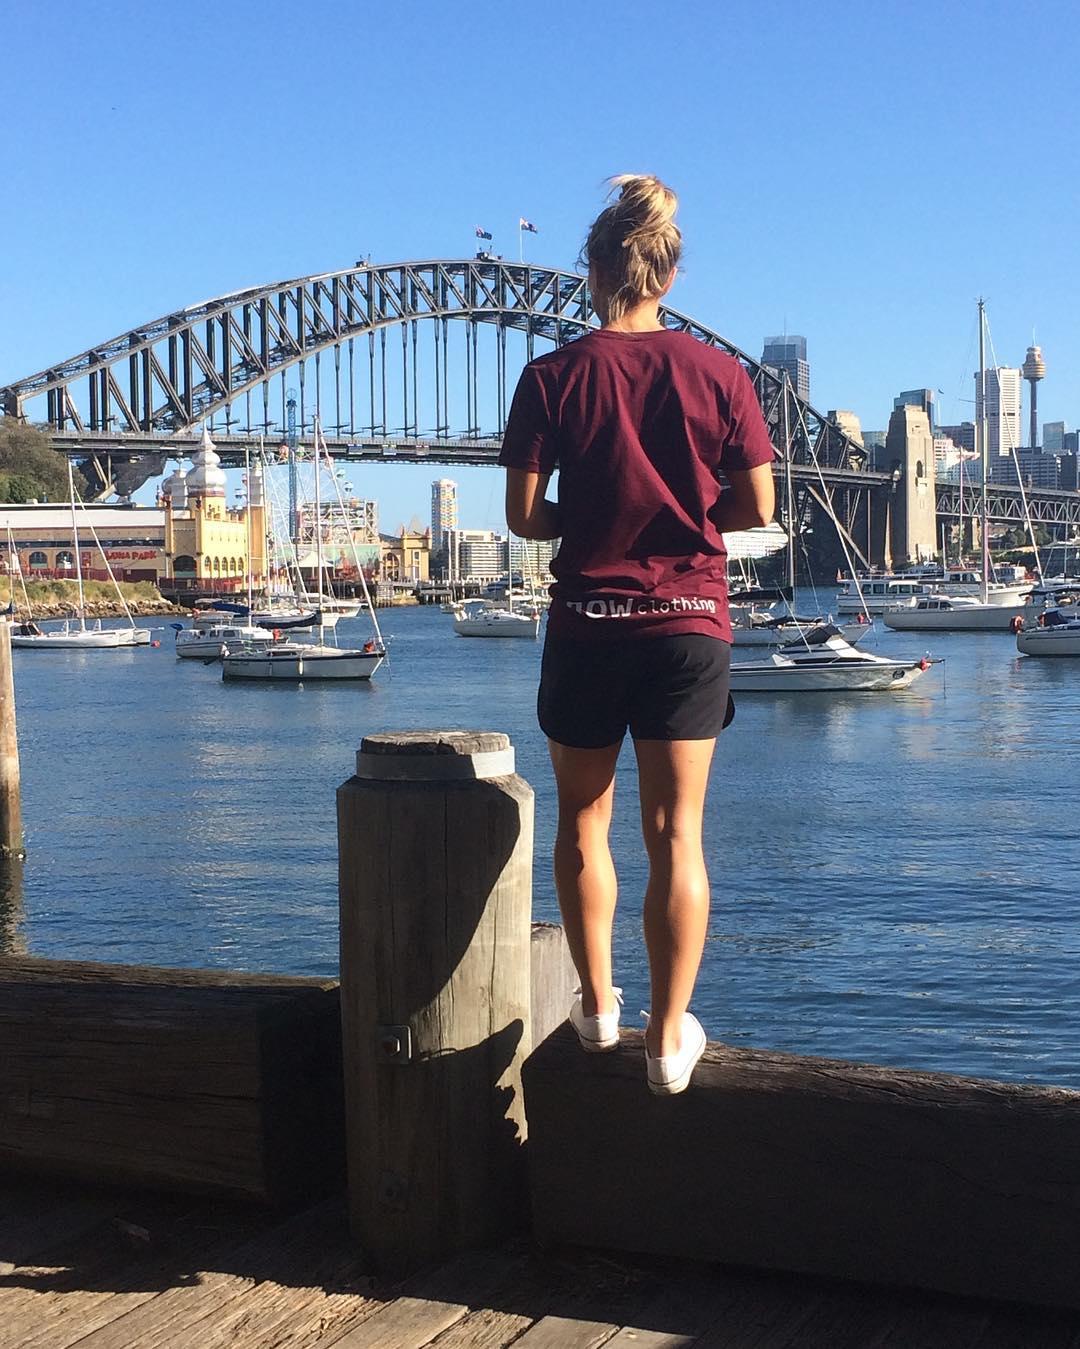 Самые красивые футболистки мира. Часть 10: Австралия и Океания